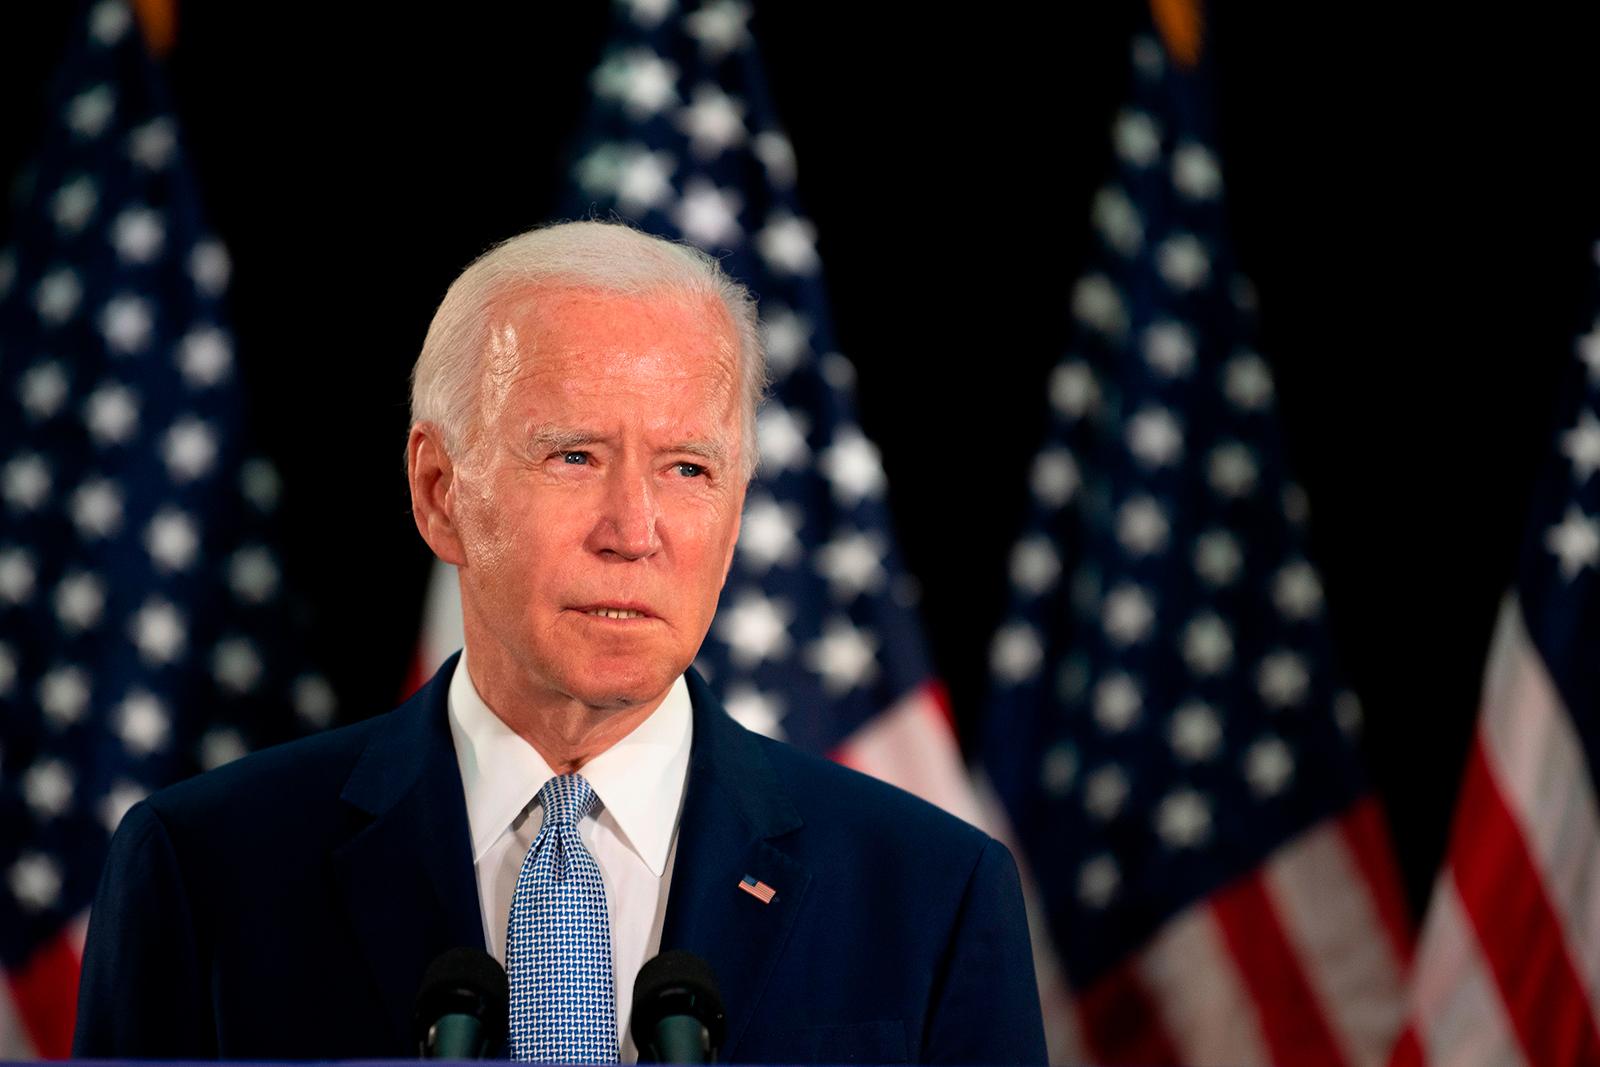 Former Vice President Joe Biden speaks at Delaware State University's student center in Dover, Delaware, on Friday, June 5.